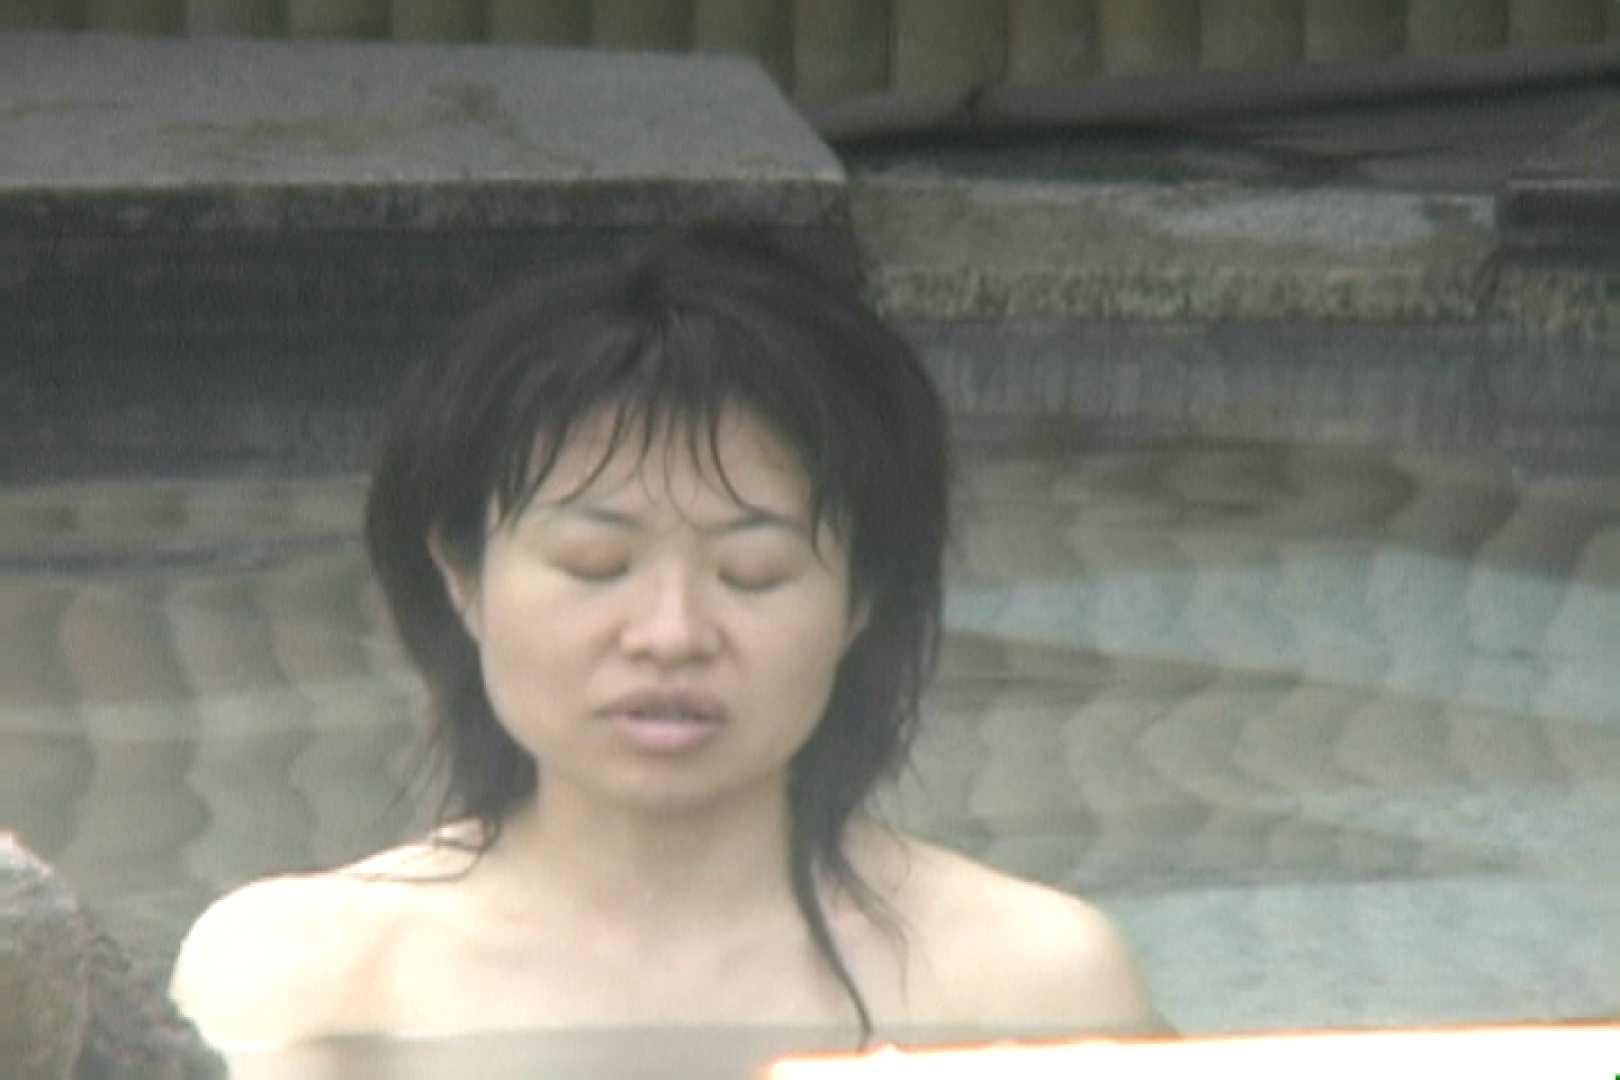 高画質露天女風呂観察 vol.012 露天風呂編 オマンコ無修正動画無料 93PIX 50